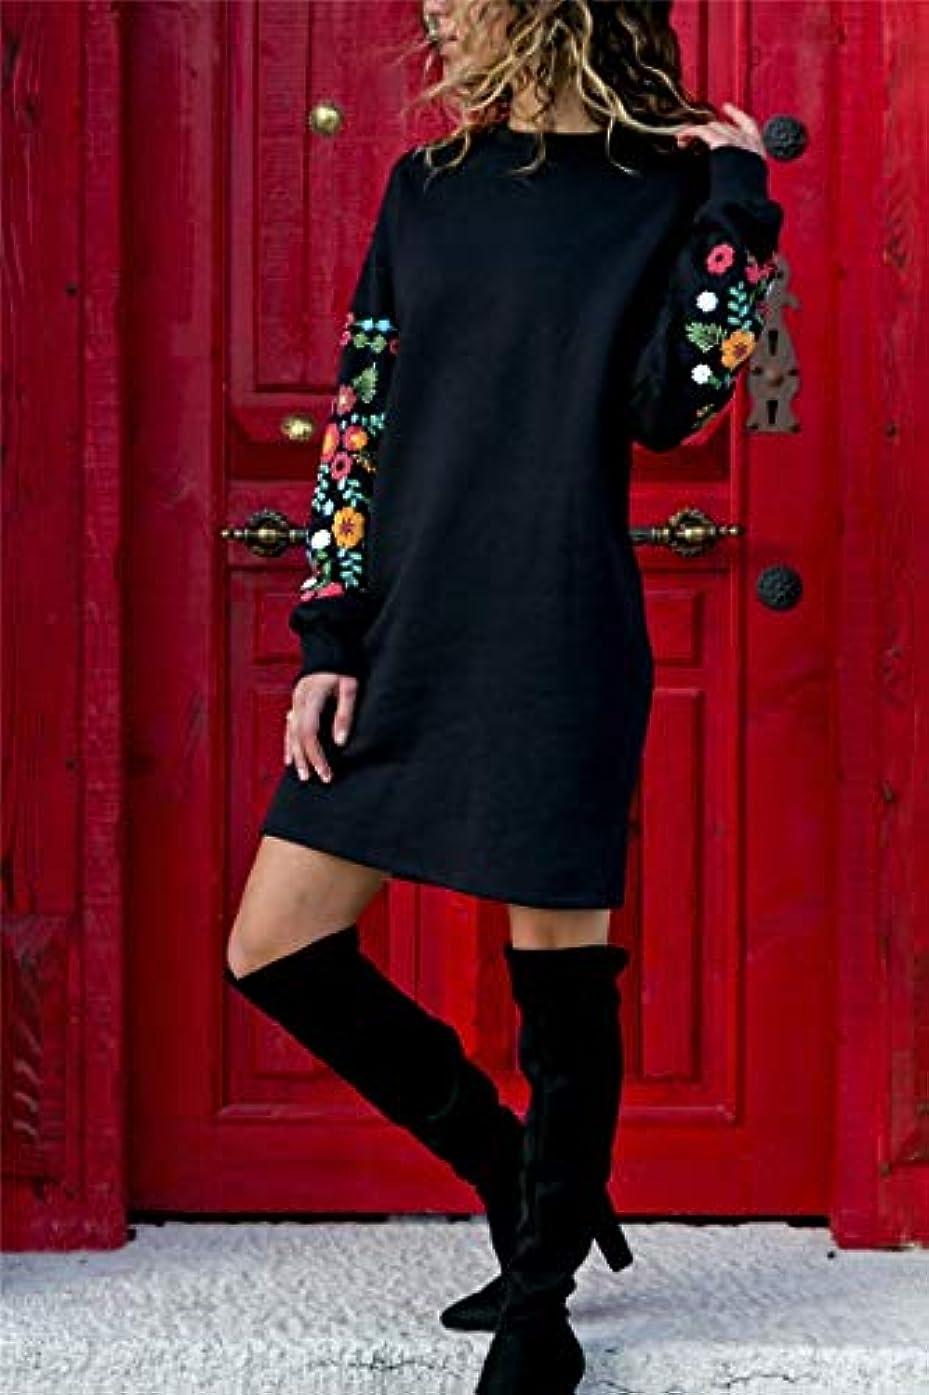 買う対人工場Onderroa - 冬の花プリントワンピースの女性のエレガントな黒のロングスリーブドレスOネックルーズ暖かいストリートドレスVestids